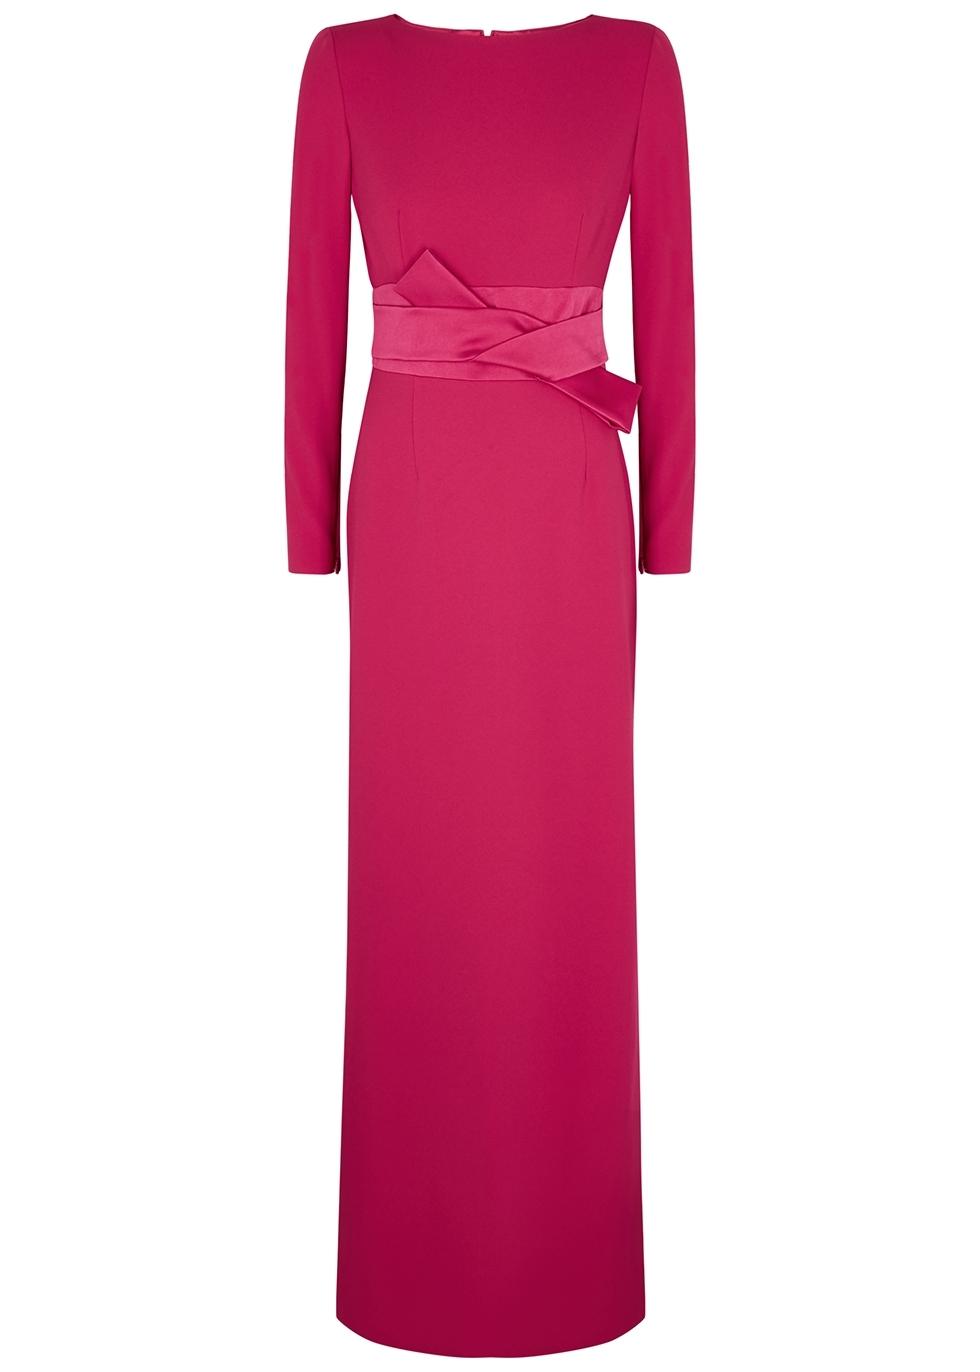 b9a7b30515a0 Designer Gowns - Evening & Ball Gowns - Harvey Nichols